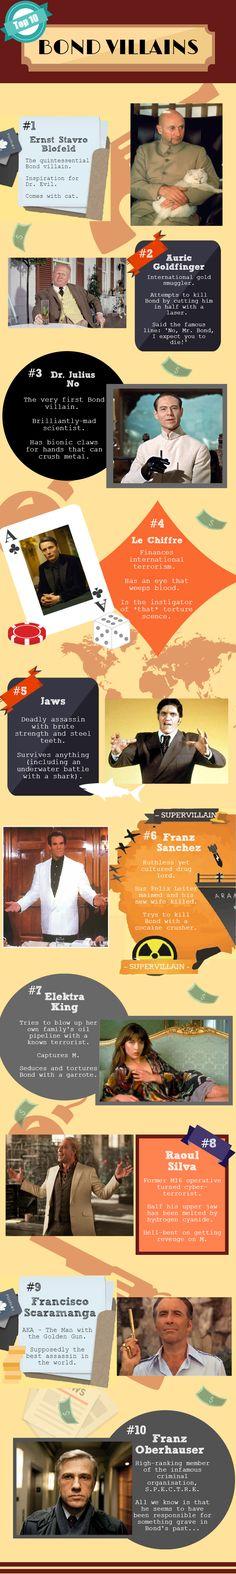 Top 10 James Bond Villains http://www.1stchoicecufflinks.com/blog/dress-like-james-bond/ #JamesBondIsAll